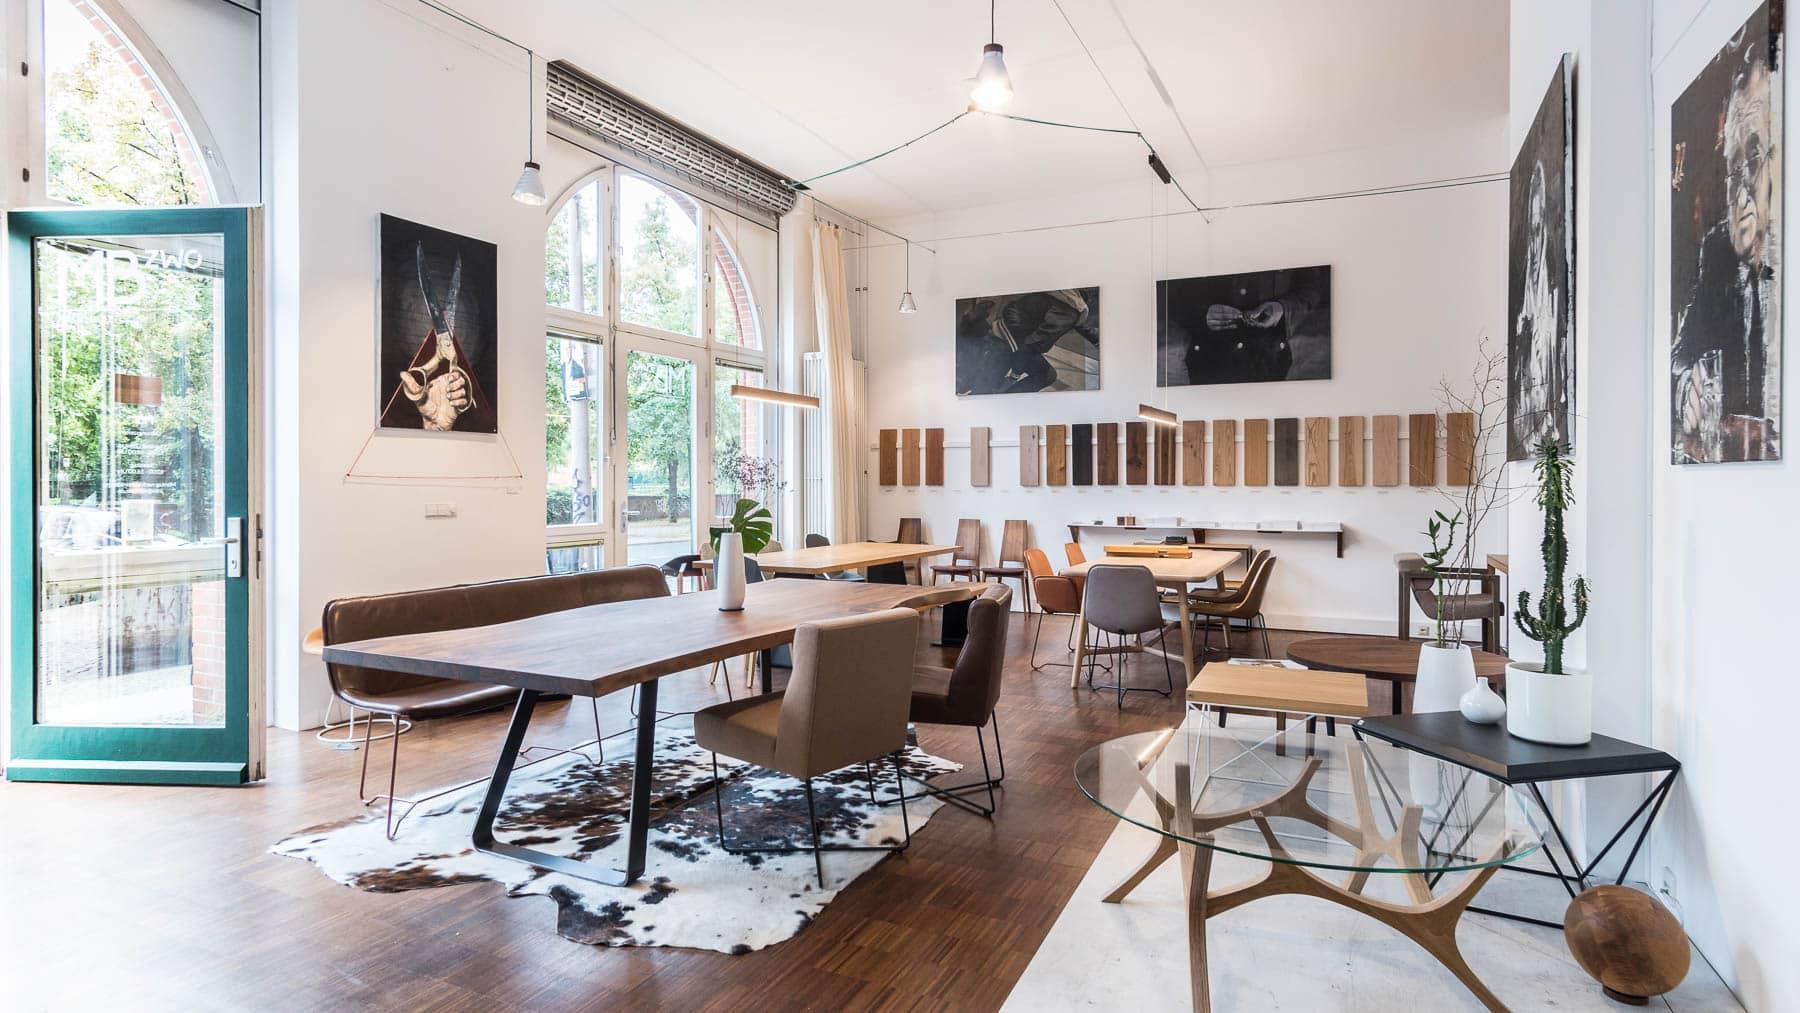 tische nach ma esstische berlin mbzwo ma tische. Black Bedroom Furniture Sets. Home Design Ideas